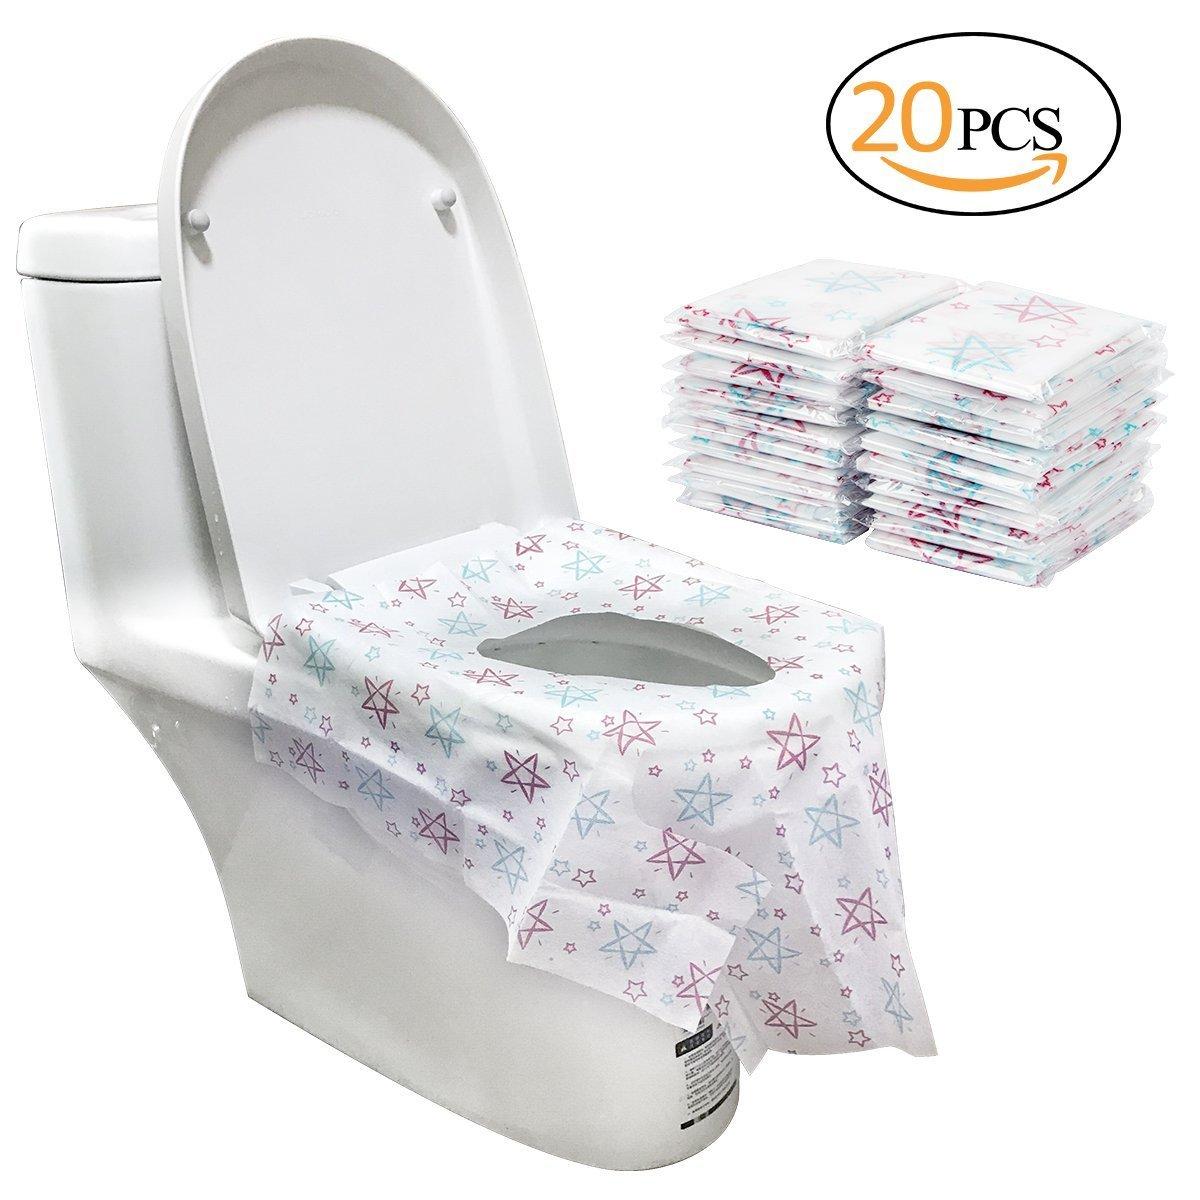 Biubee Lot de 20jetables Pot Housse de siège–Grande taille de voyage Housse pour abattant de WC avec adhésif No Slip (étoile)